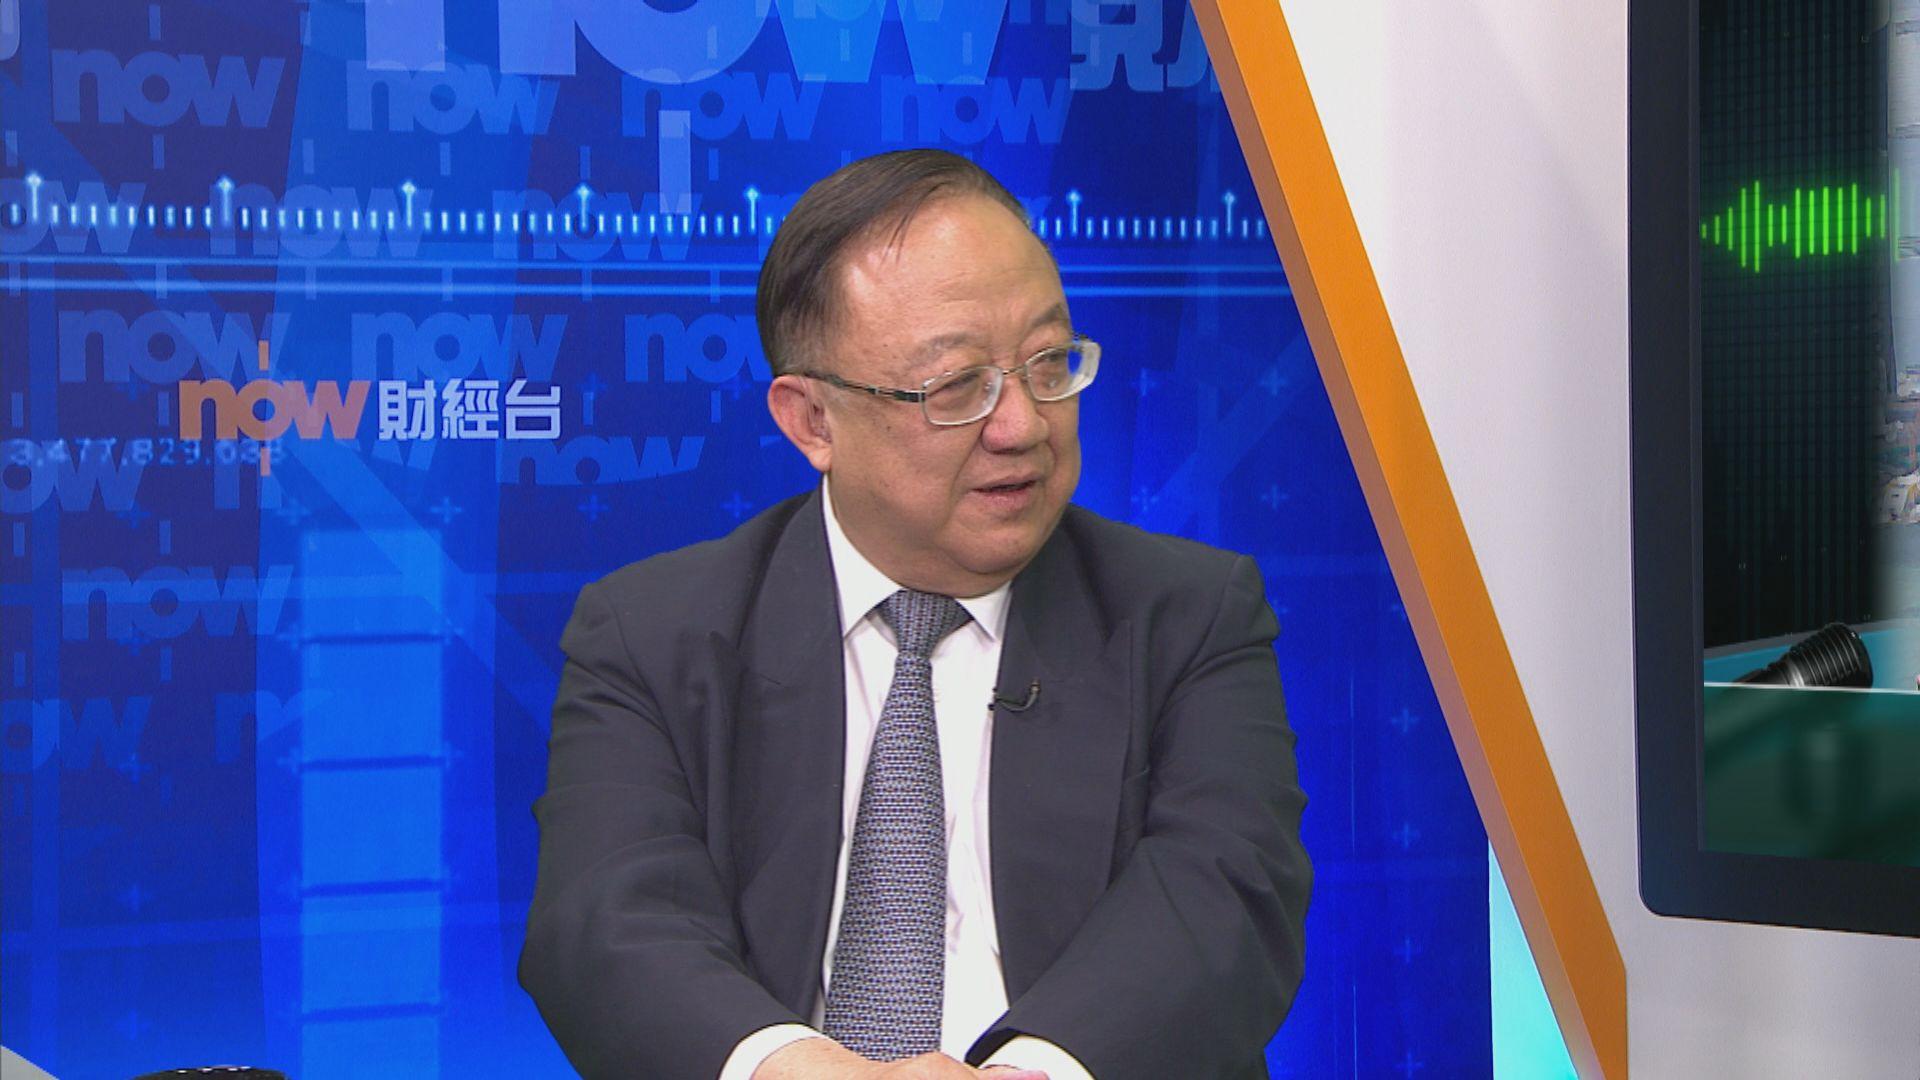 劉允怡:醫委會將記錄委員對投明票的取態